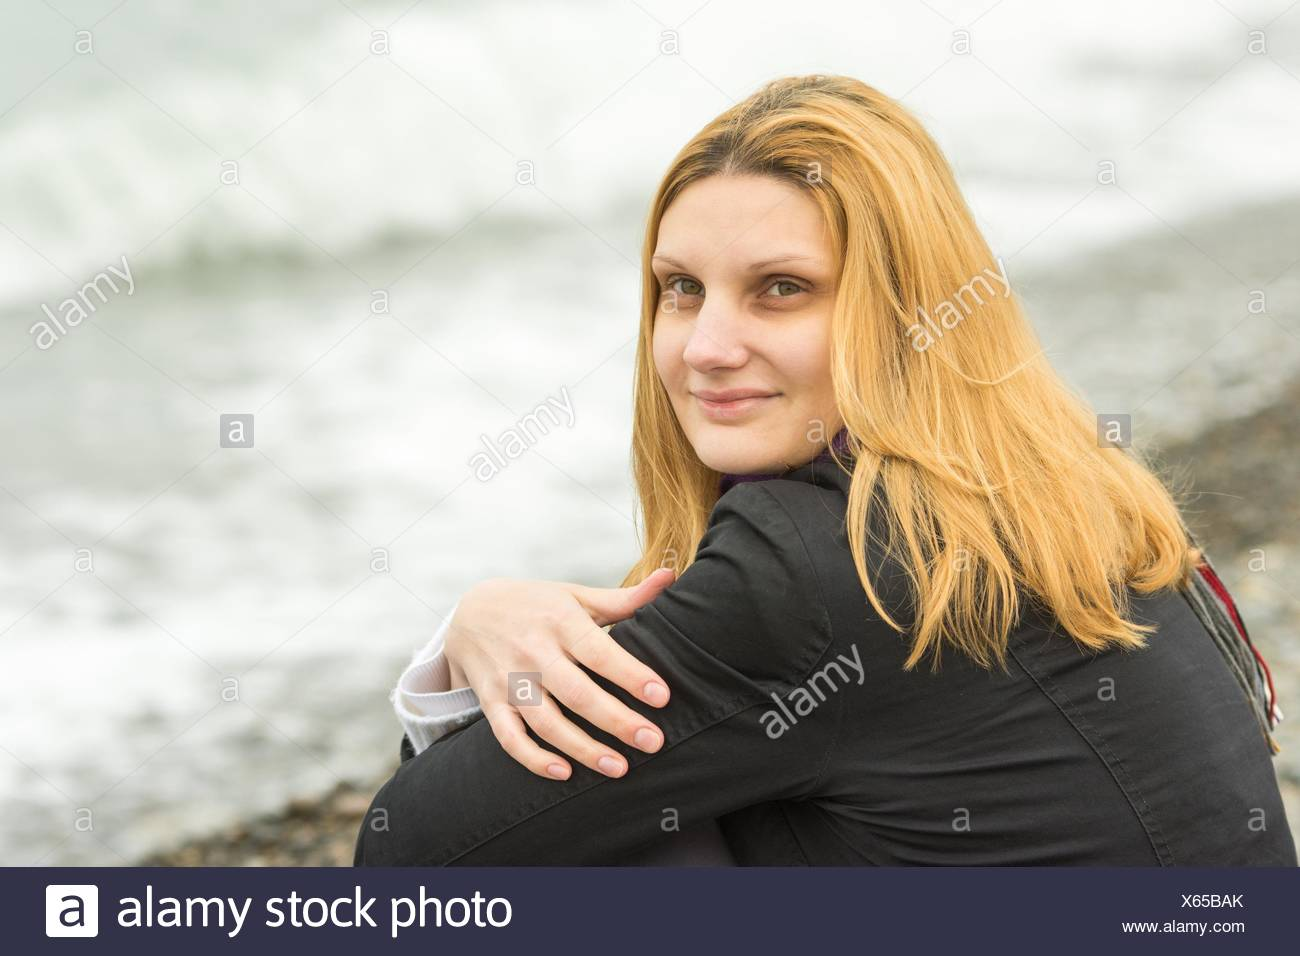 Portrait von am Strand zu sitzen geheimnisvoll lächelnden Mädchen in Wetter. Stockbild